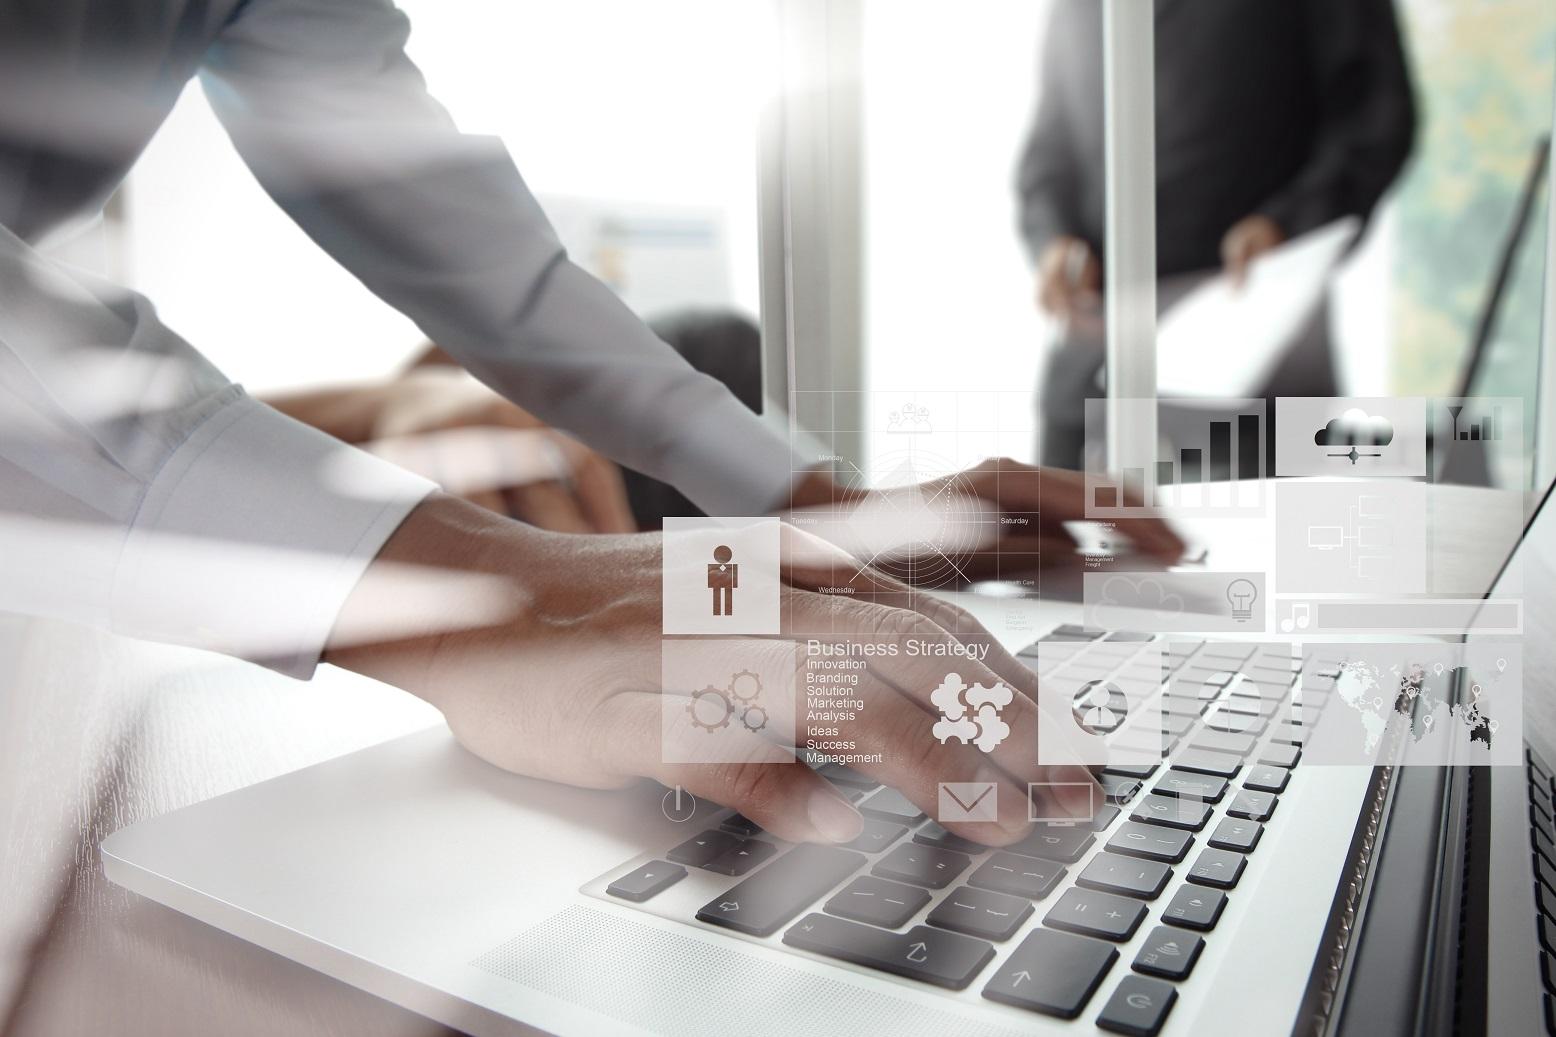 Aumentando Las Ventas B2B A Través Del Desarrollo Del Valor De Marca